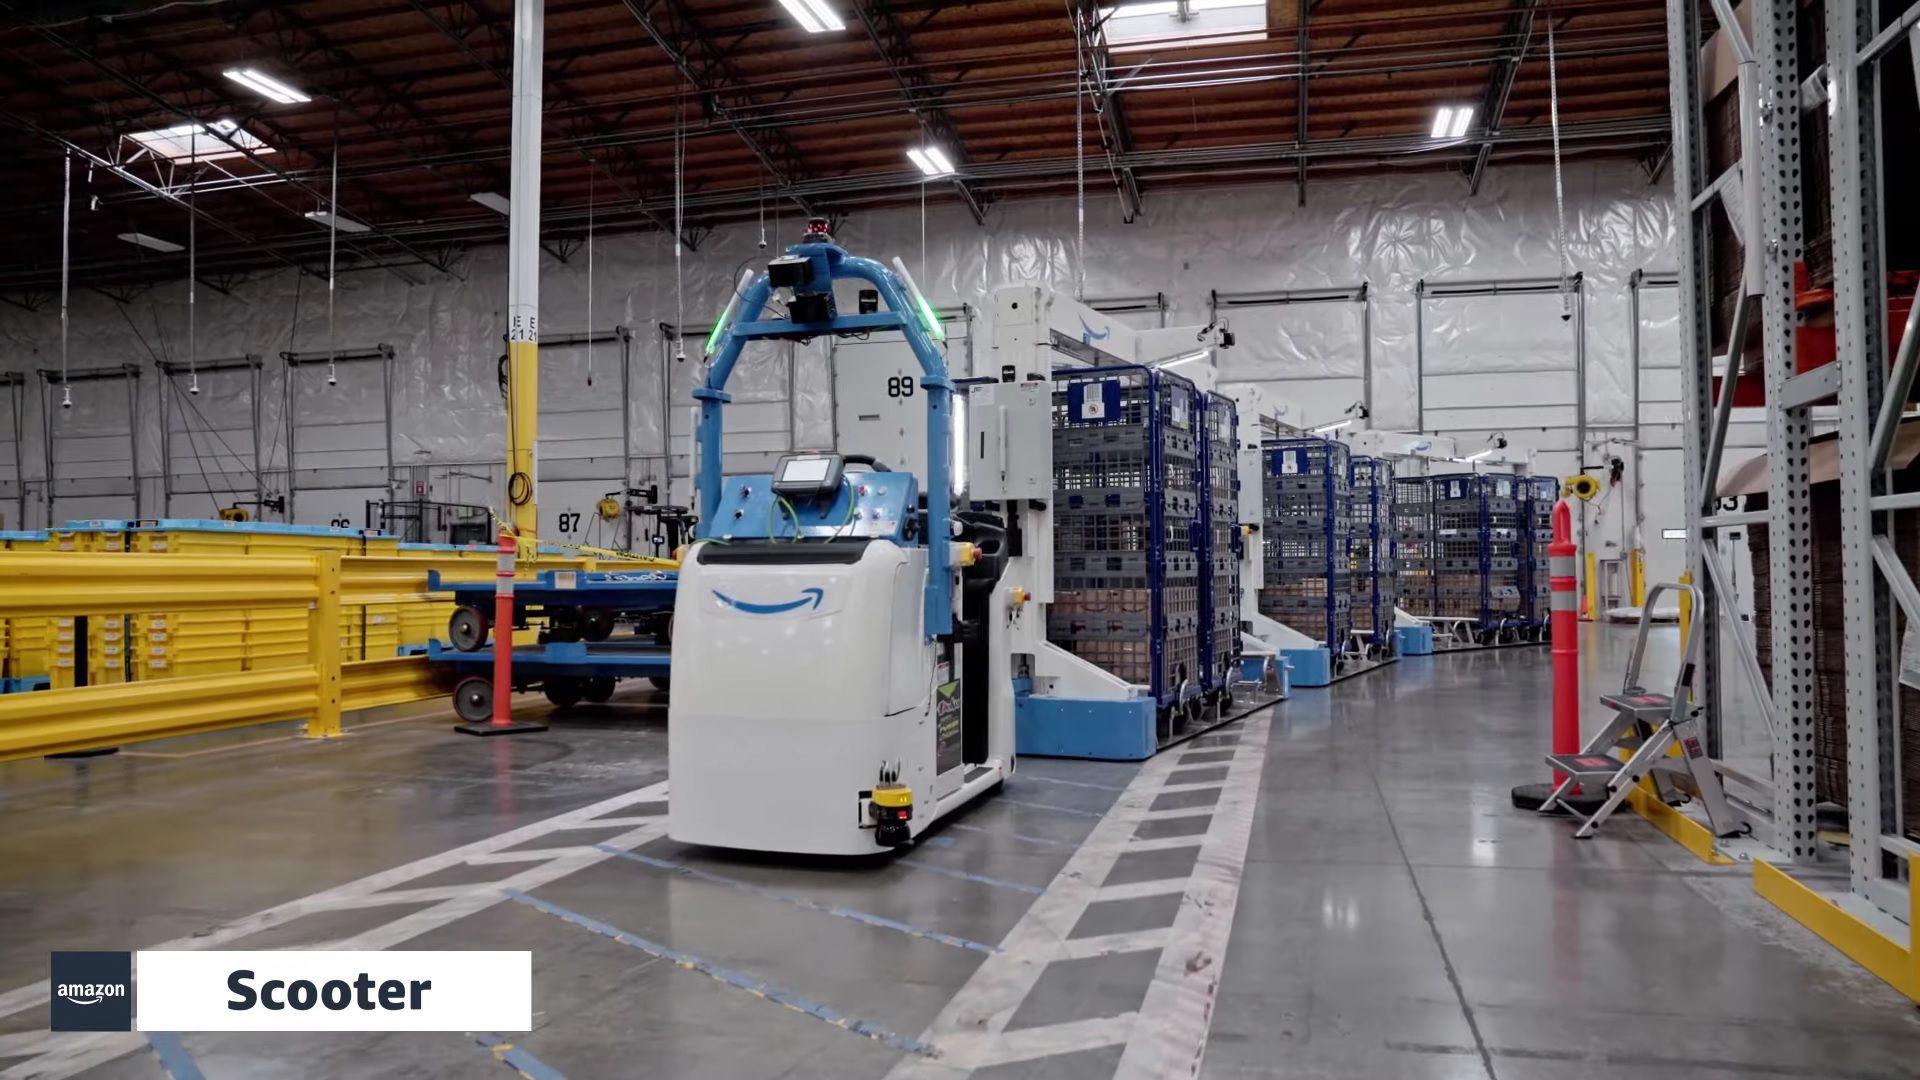 Scotter robot de Amazon